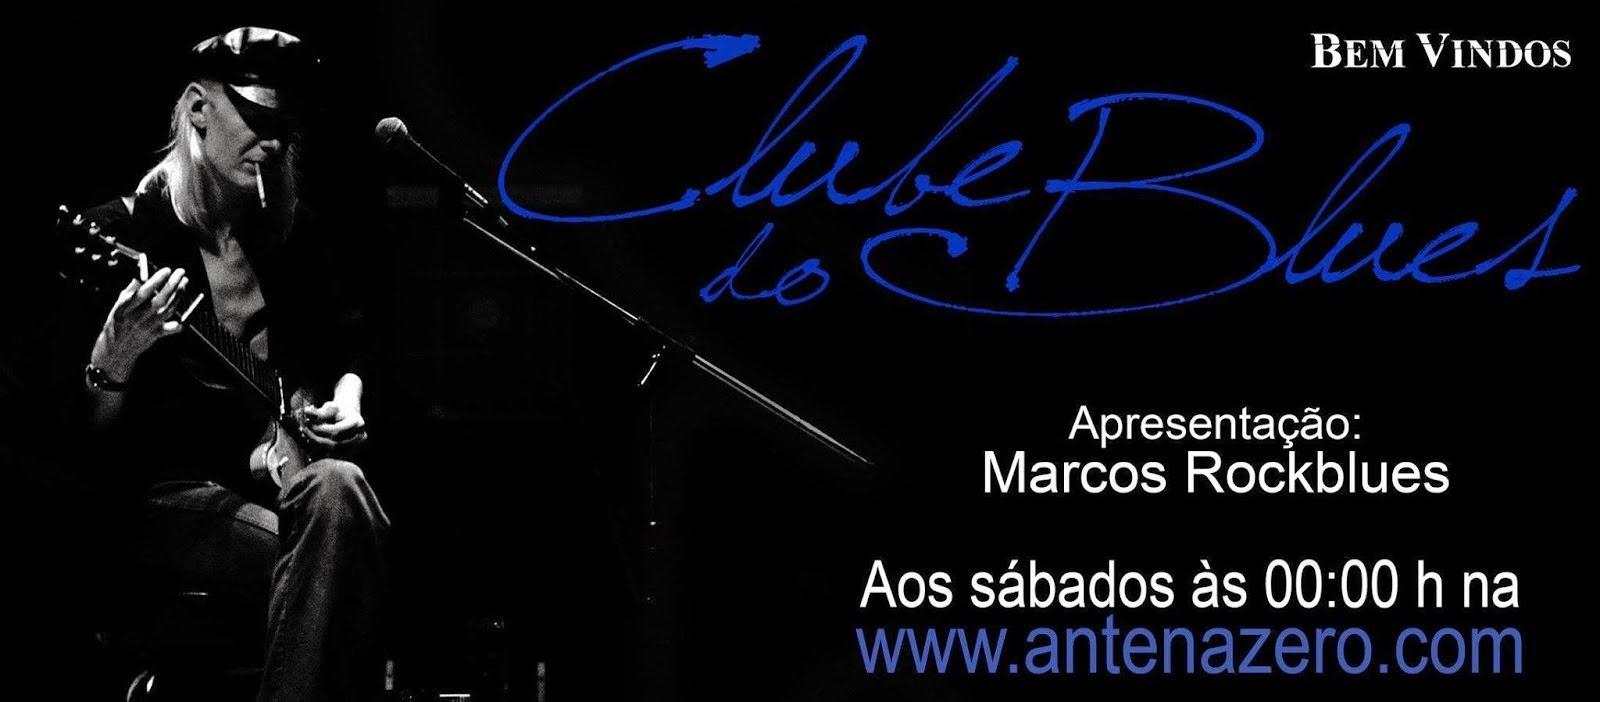 CLIQUE NO LINK ABAIXO PARA  CONHECER!!!